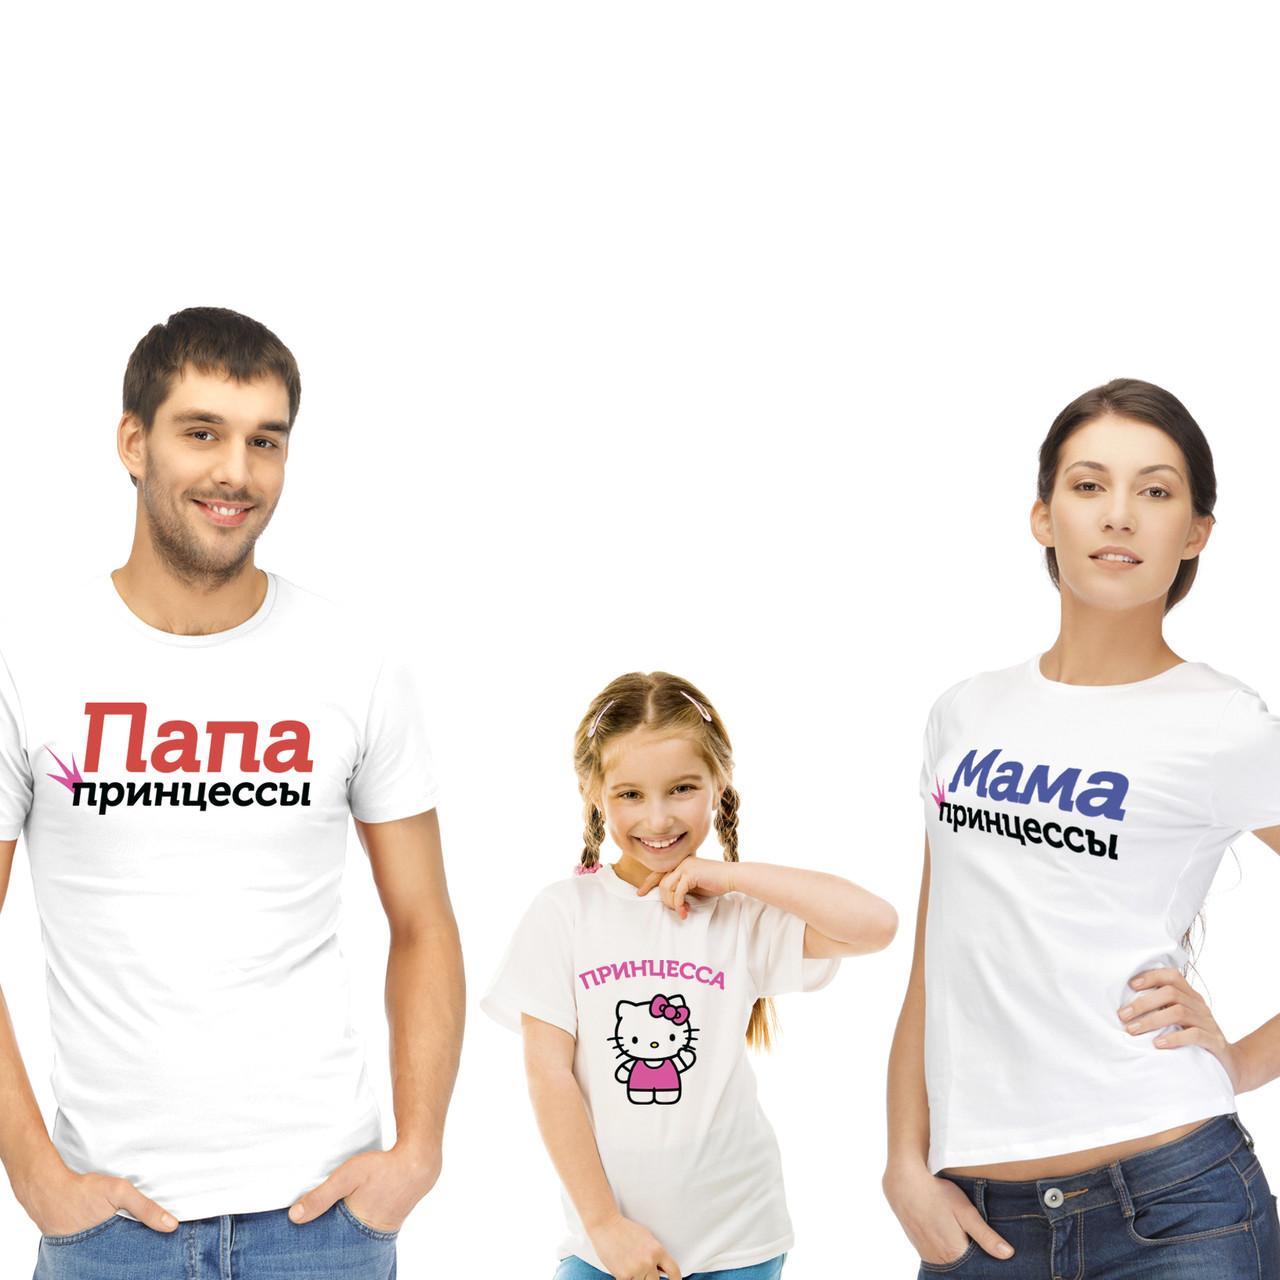 """Семейные футболки """"Папа и мама принцессы"""""""